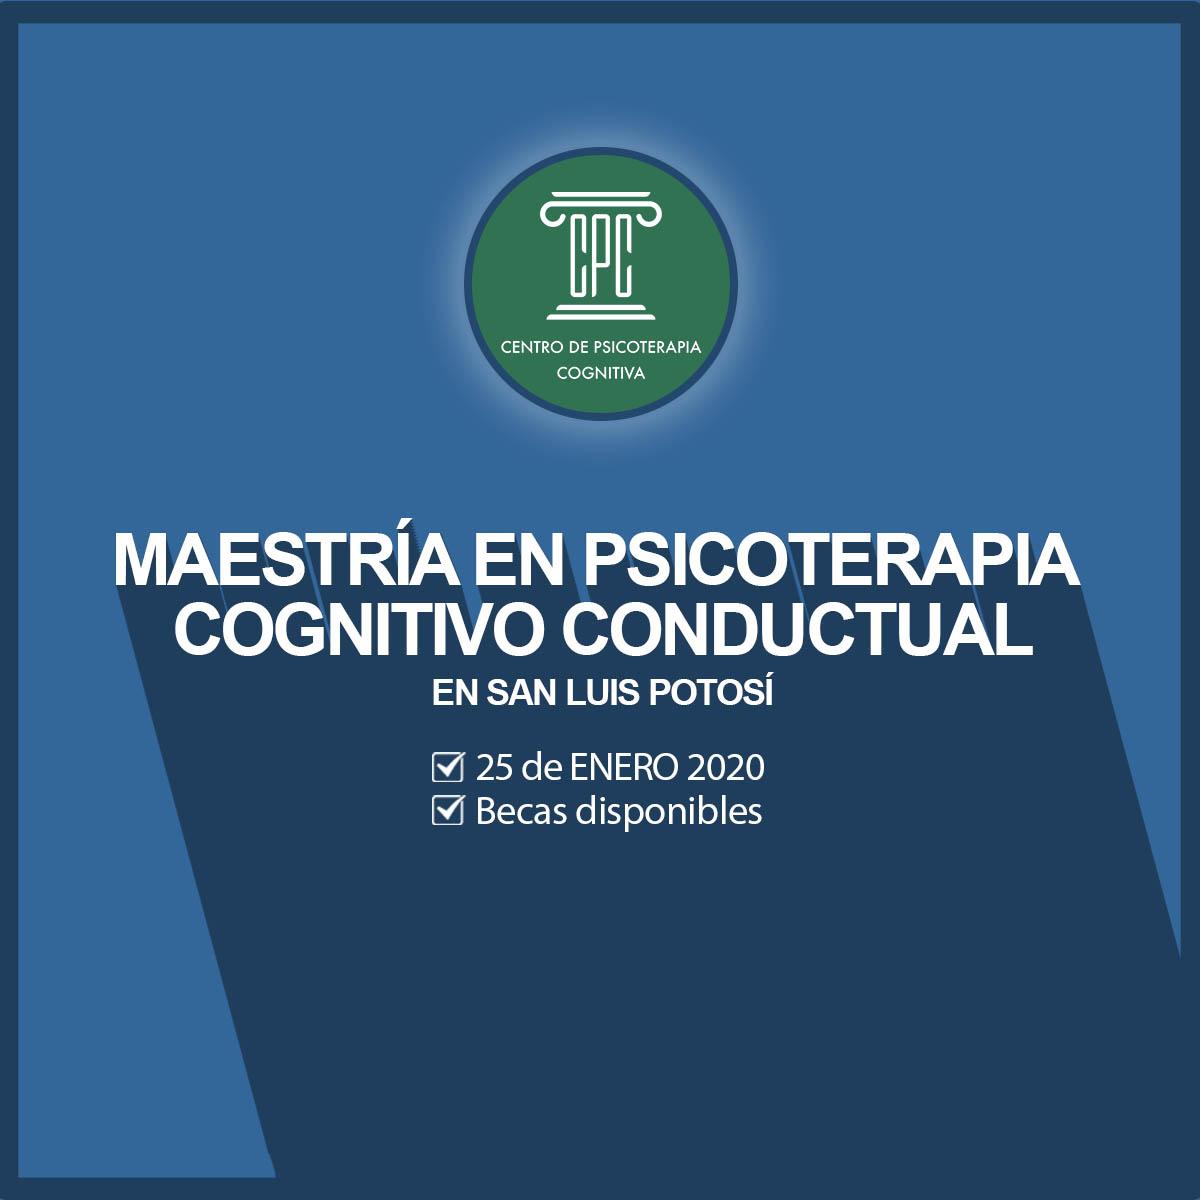 Sede: San Luis Potosí